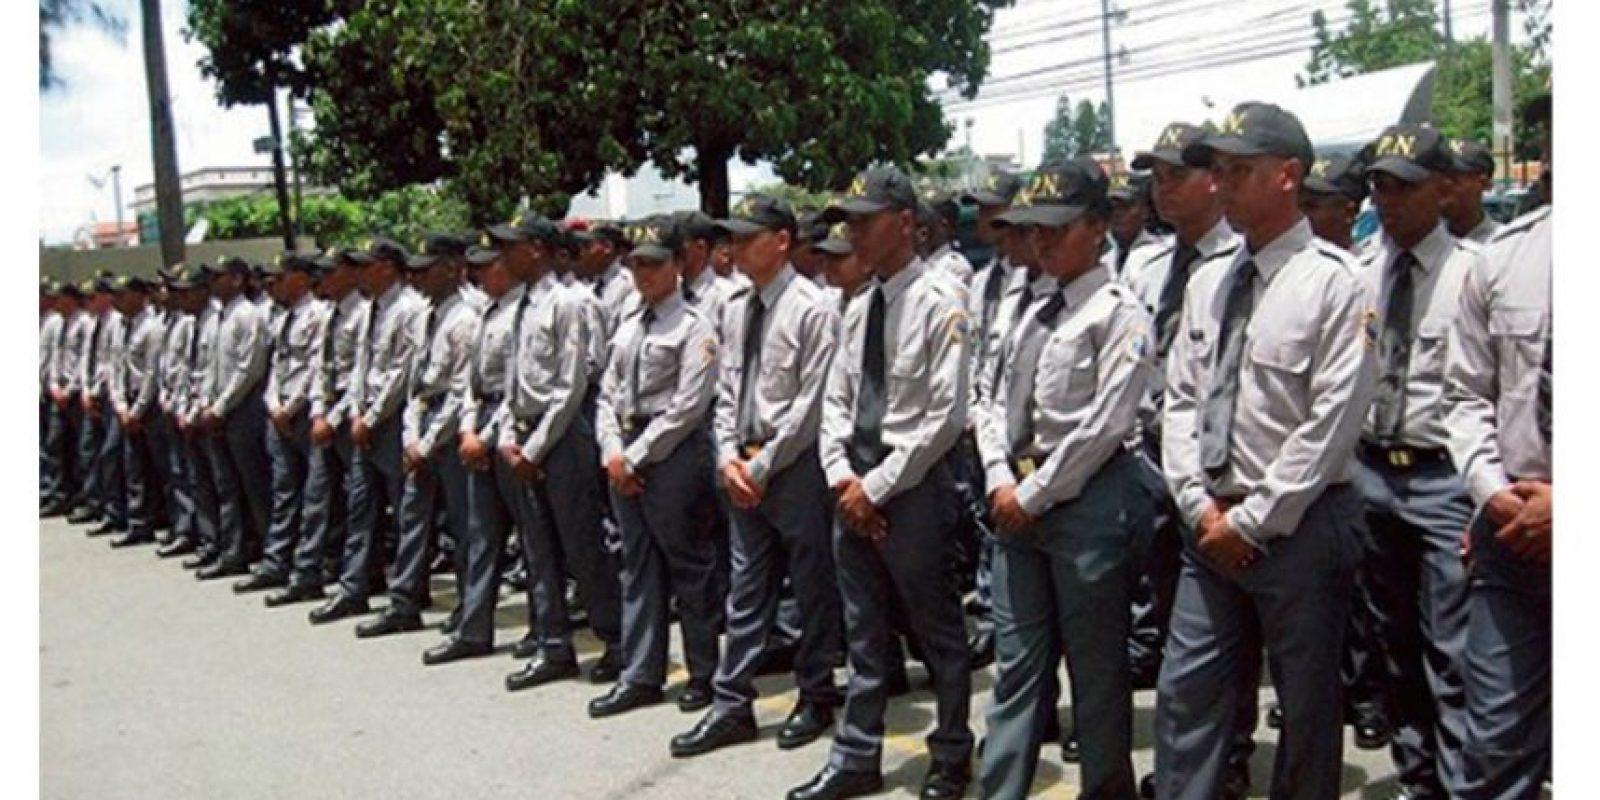 La Policía reforzó su presencia en las calles para todo diciembre/ Archivo